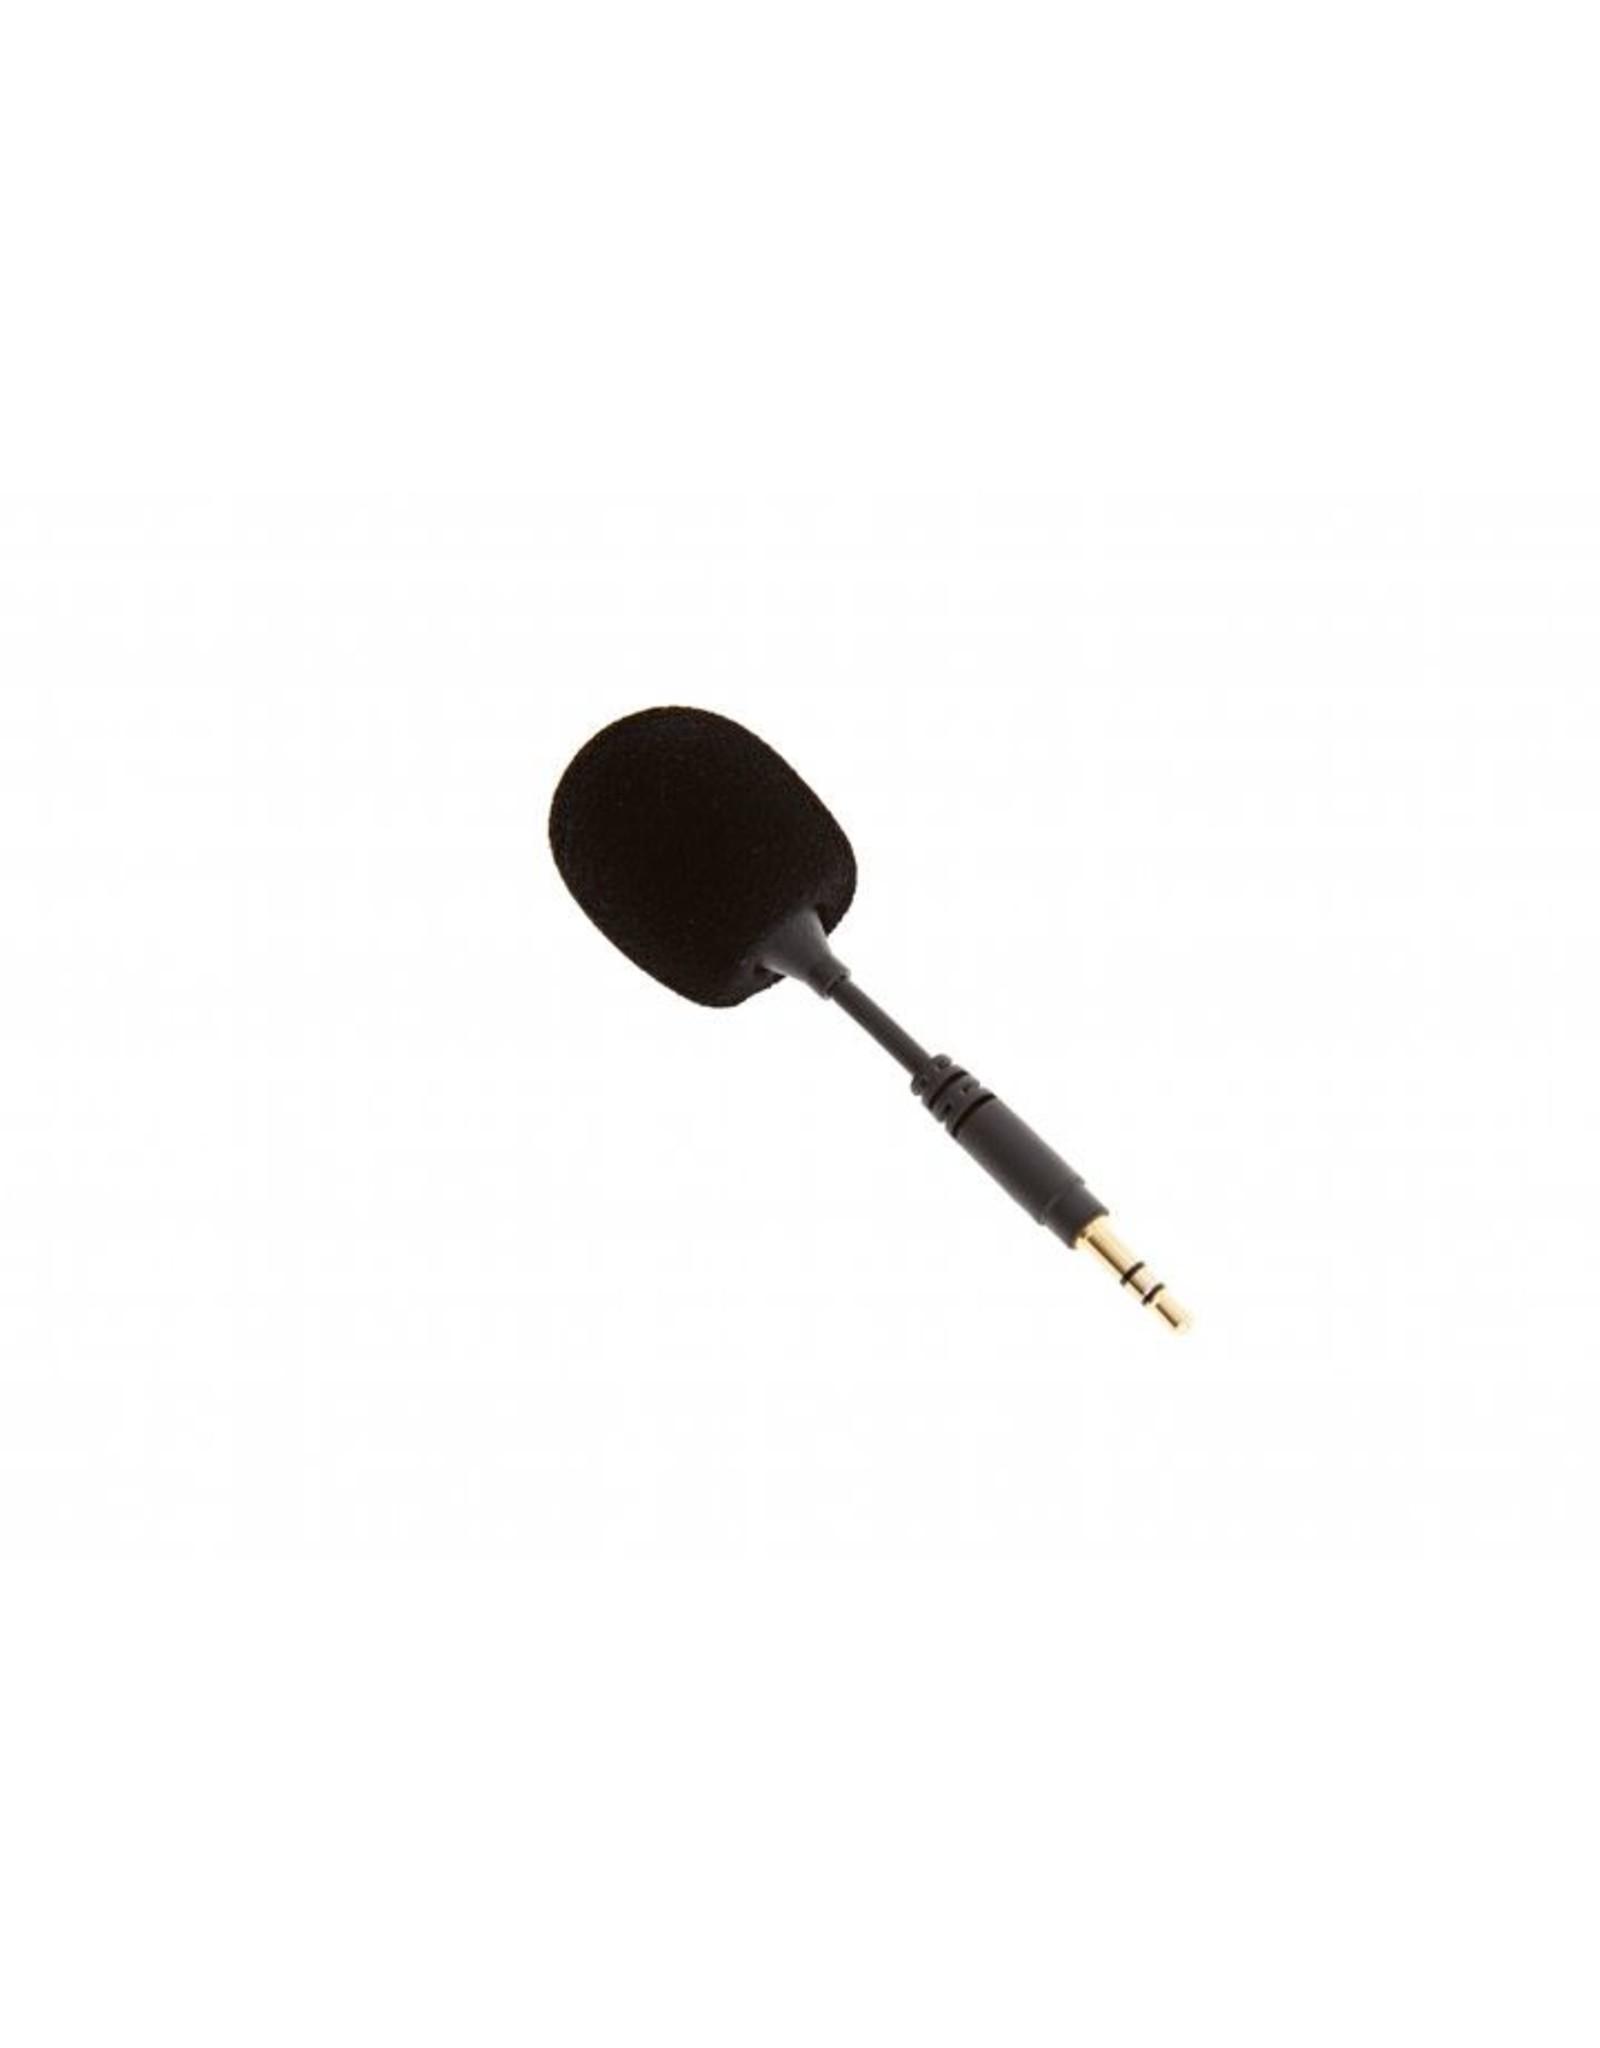 DJI DJI FM-15 FlexiMic for OSMO